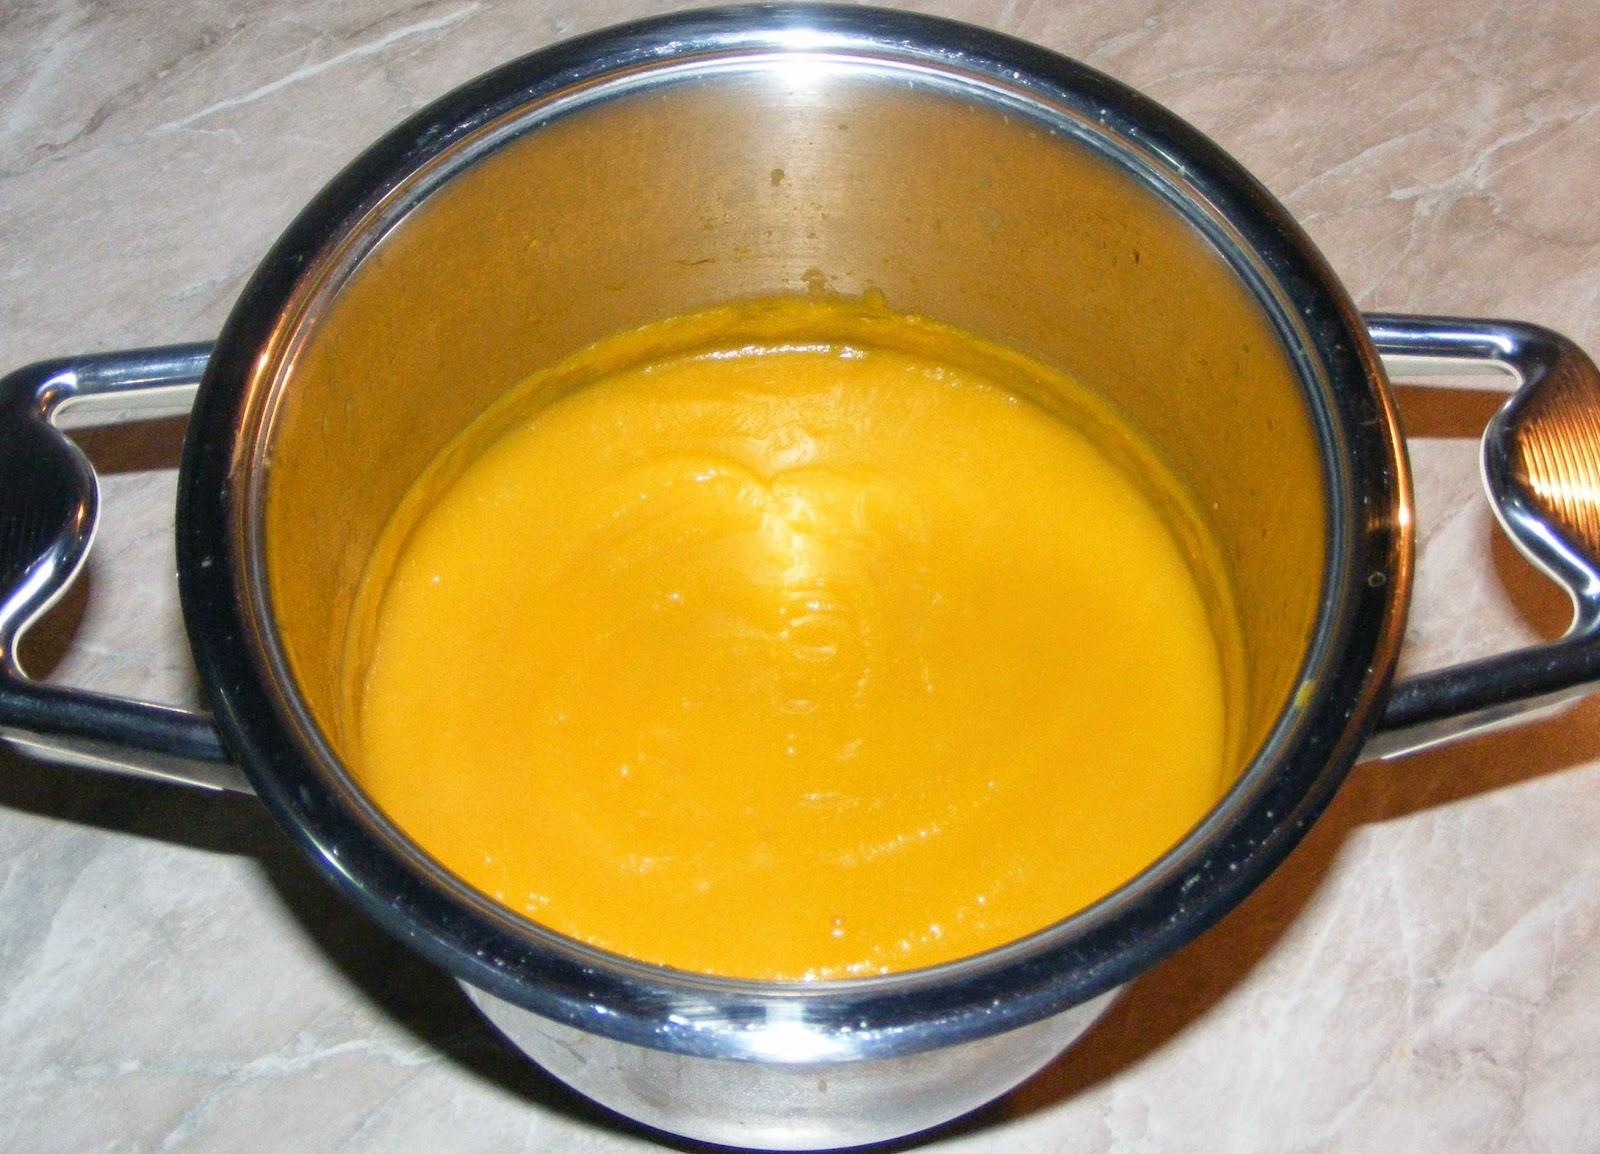 supa crema de dovleac, supa crema de legume, retete de post, retete de mancare, retete culinare, supa de dovleac, supe creme, supa crema, retete cu dovleac, reteta supa crema, supa crema de dovleac galben, supa crema de dovleac de post cu crutoane, diete de slabit, cure de slabire, dovleac, dovleci, preparate din dovleac,